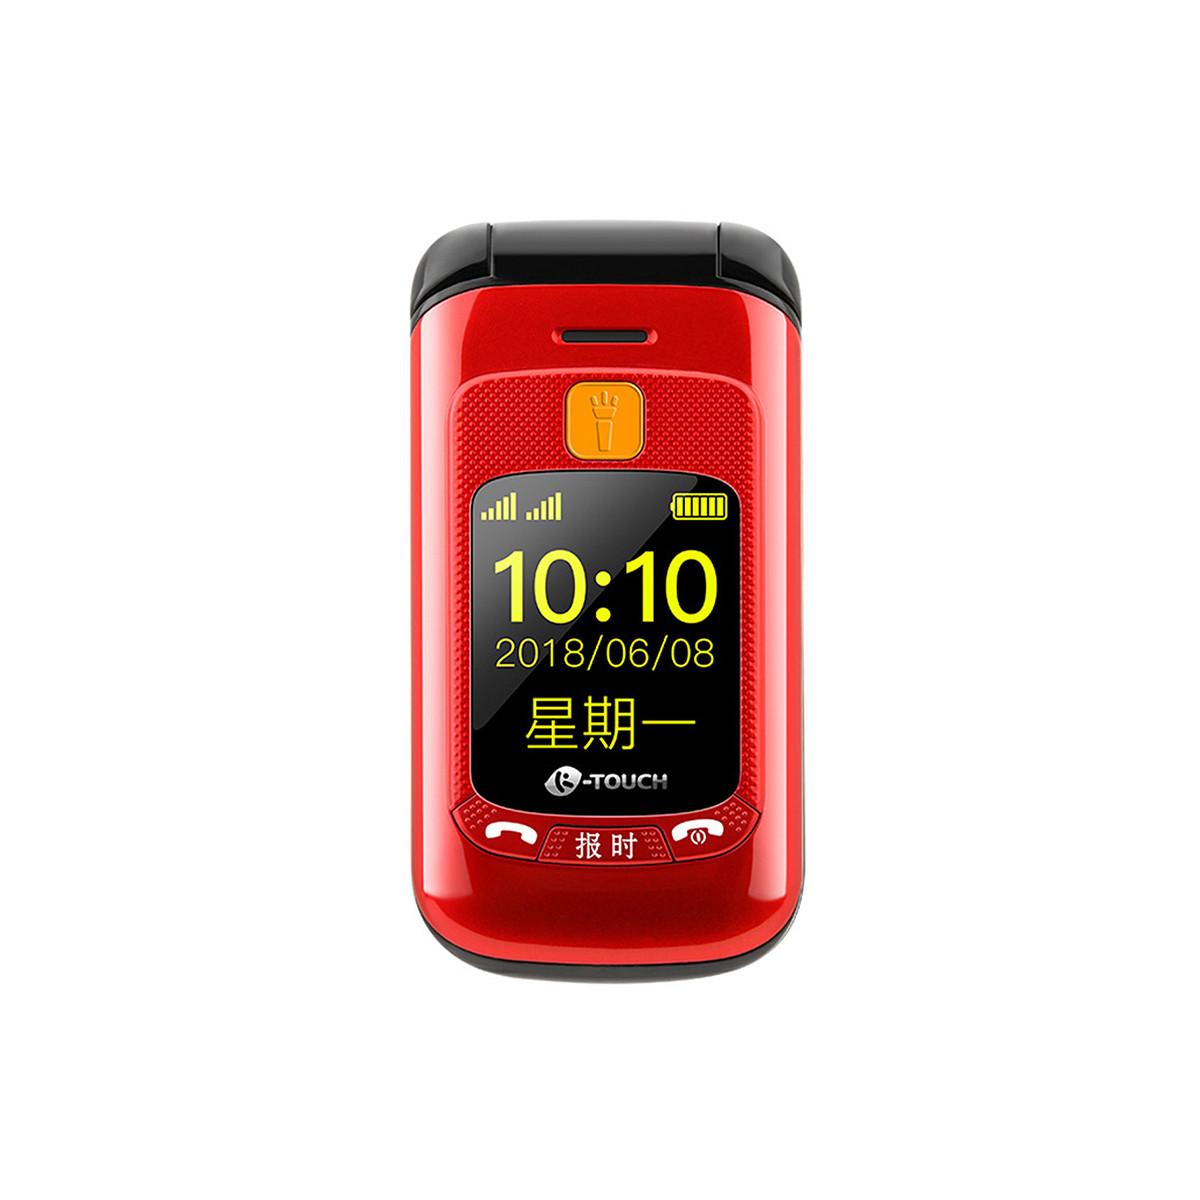 天语L660双屏老年机翻盖手机老人手机超长待机移动联通电信版老年手机L660红色